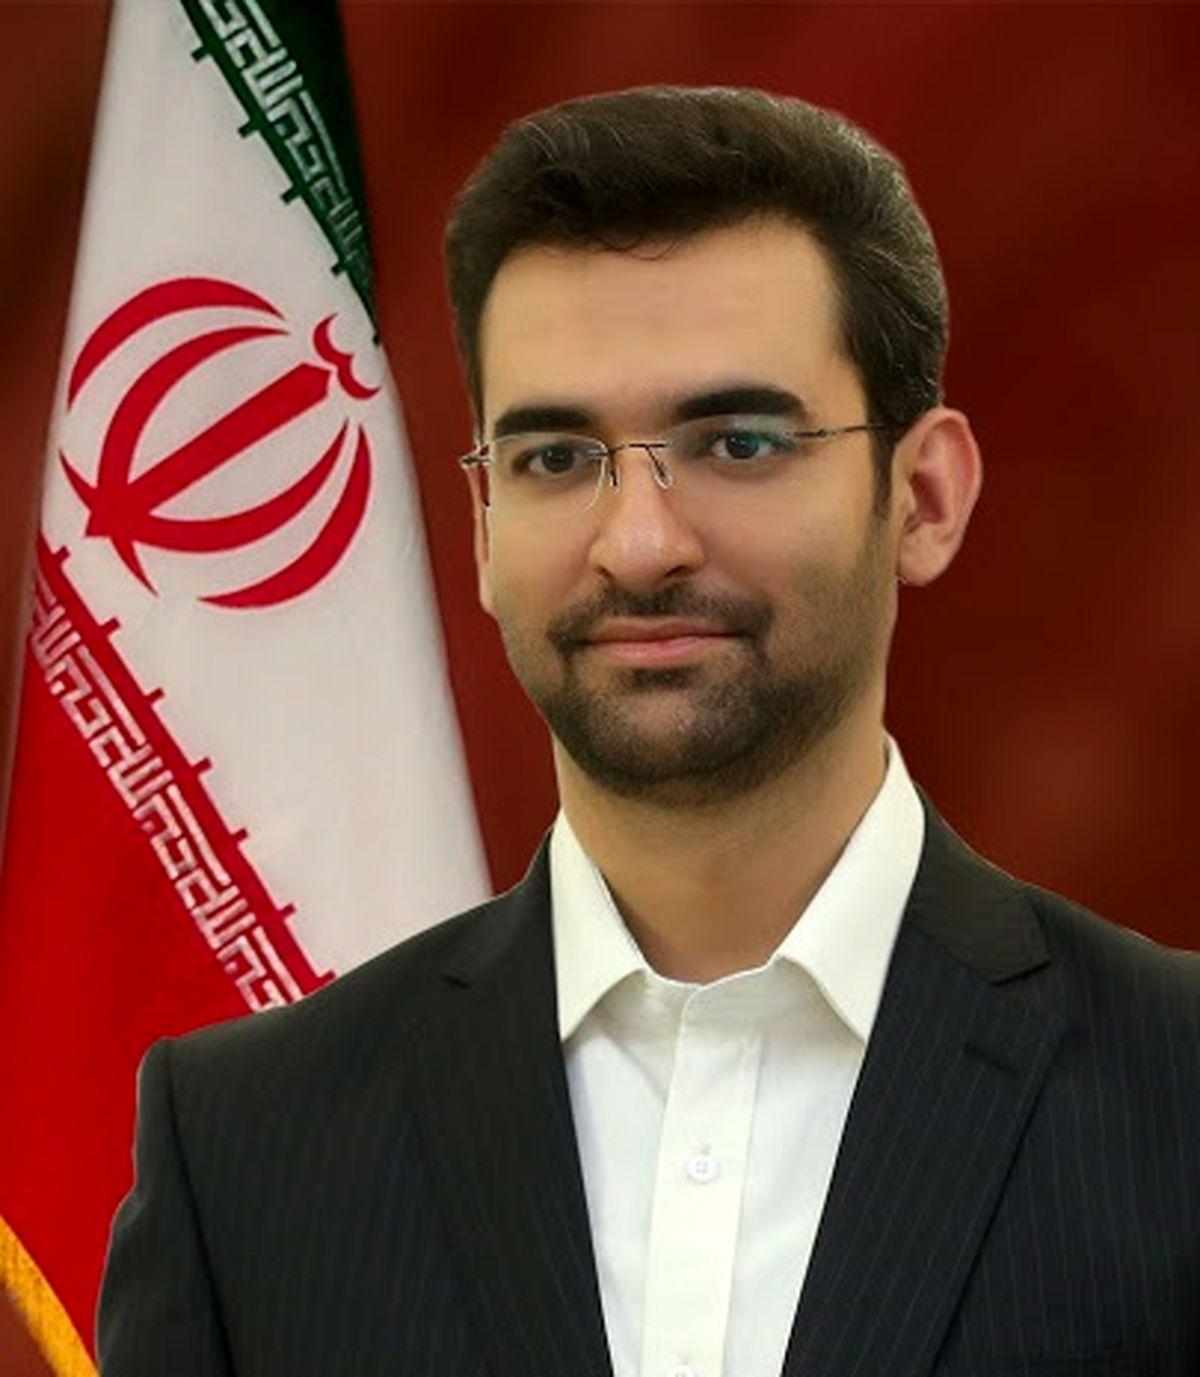 آذری جهرمی در توییت خود از مردم عذرخواهی کرد